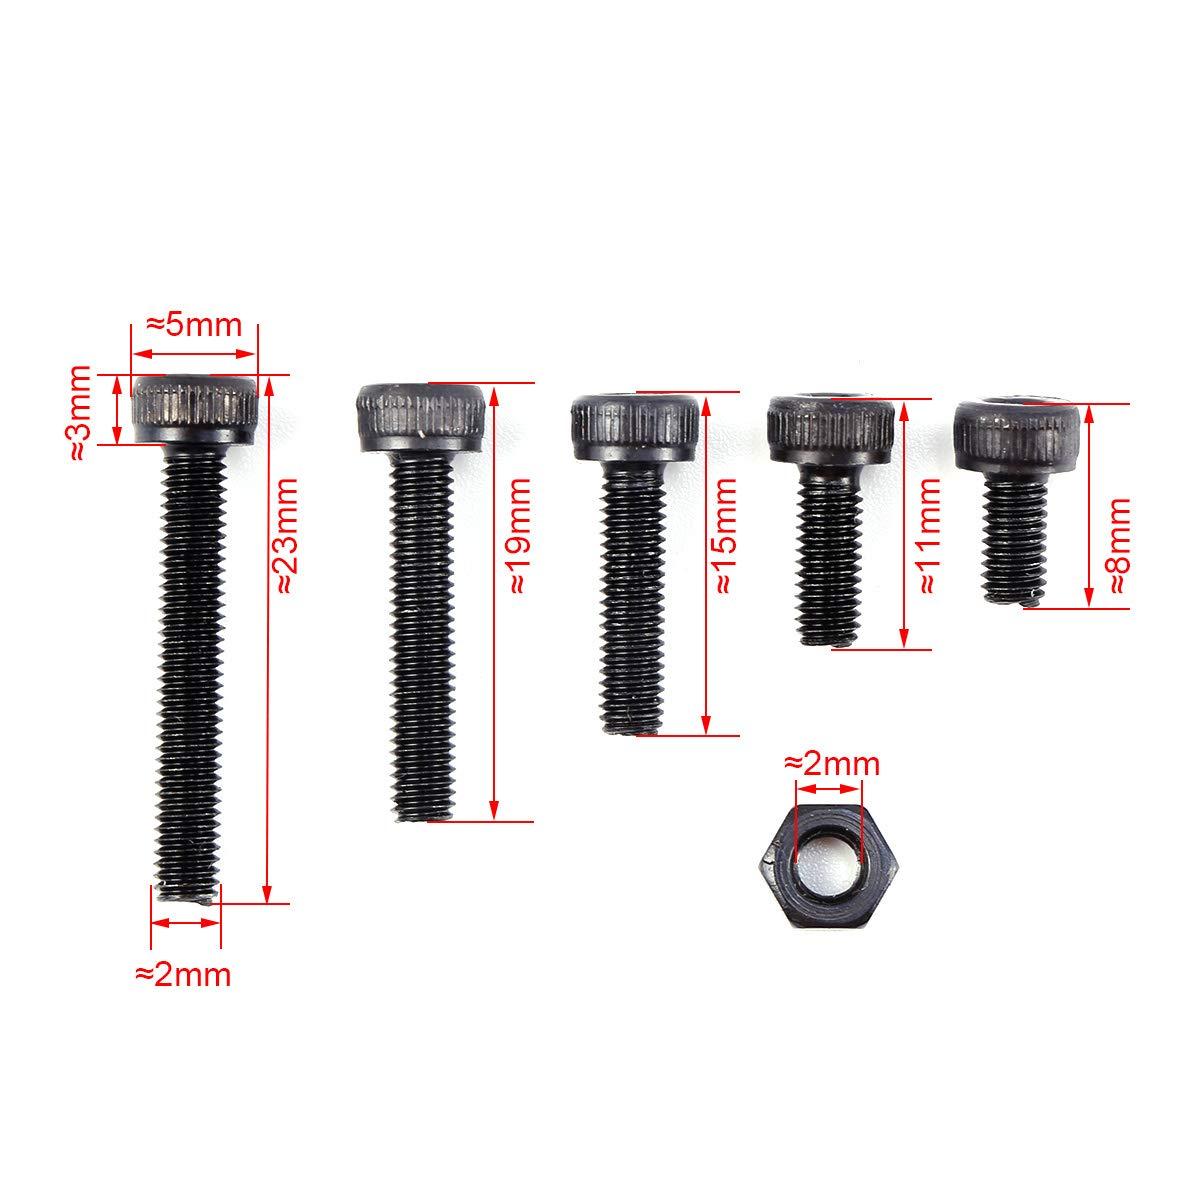 Schwarz M3 Schrauben Muttern Set Innensechskant Gewindeschrauben Schrauben Sortiment Kits 310tlg